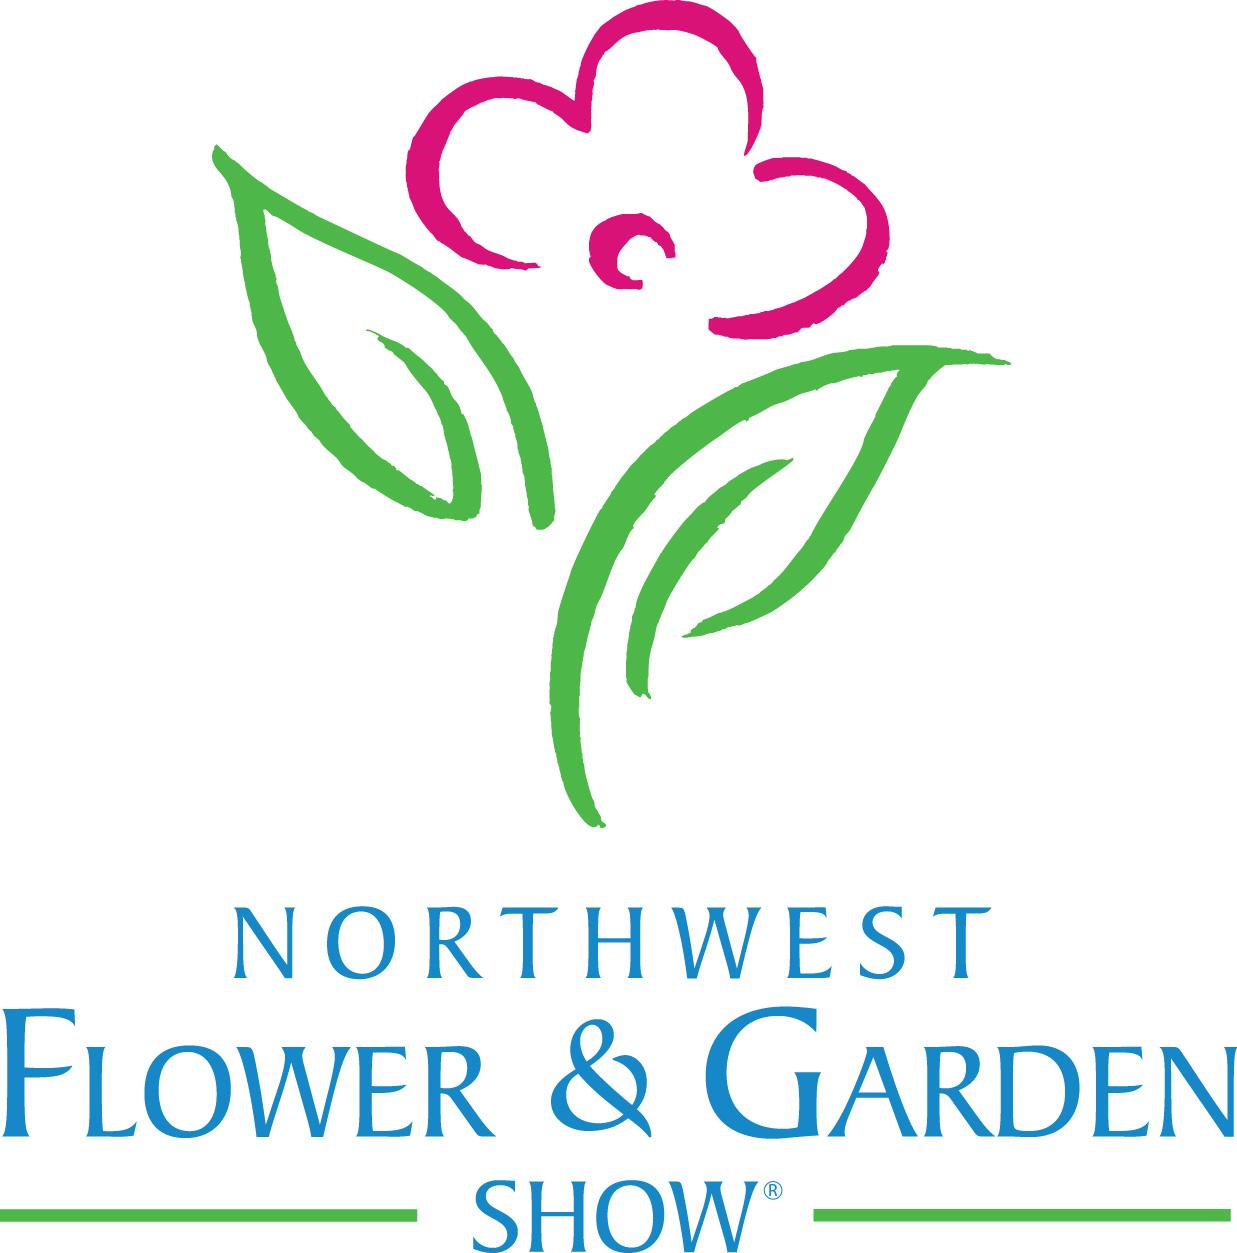 Northwest flower garden show - Northwest flower and garden show ...